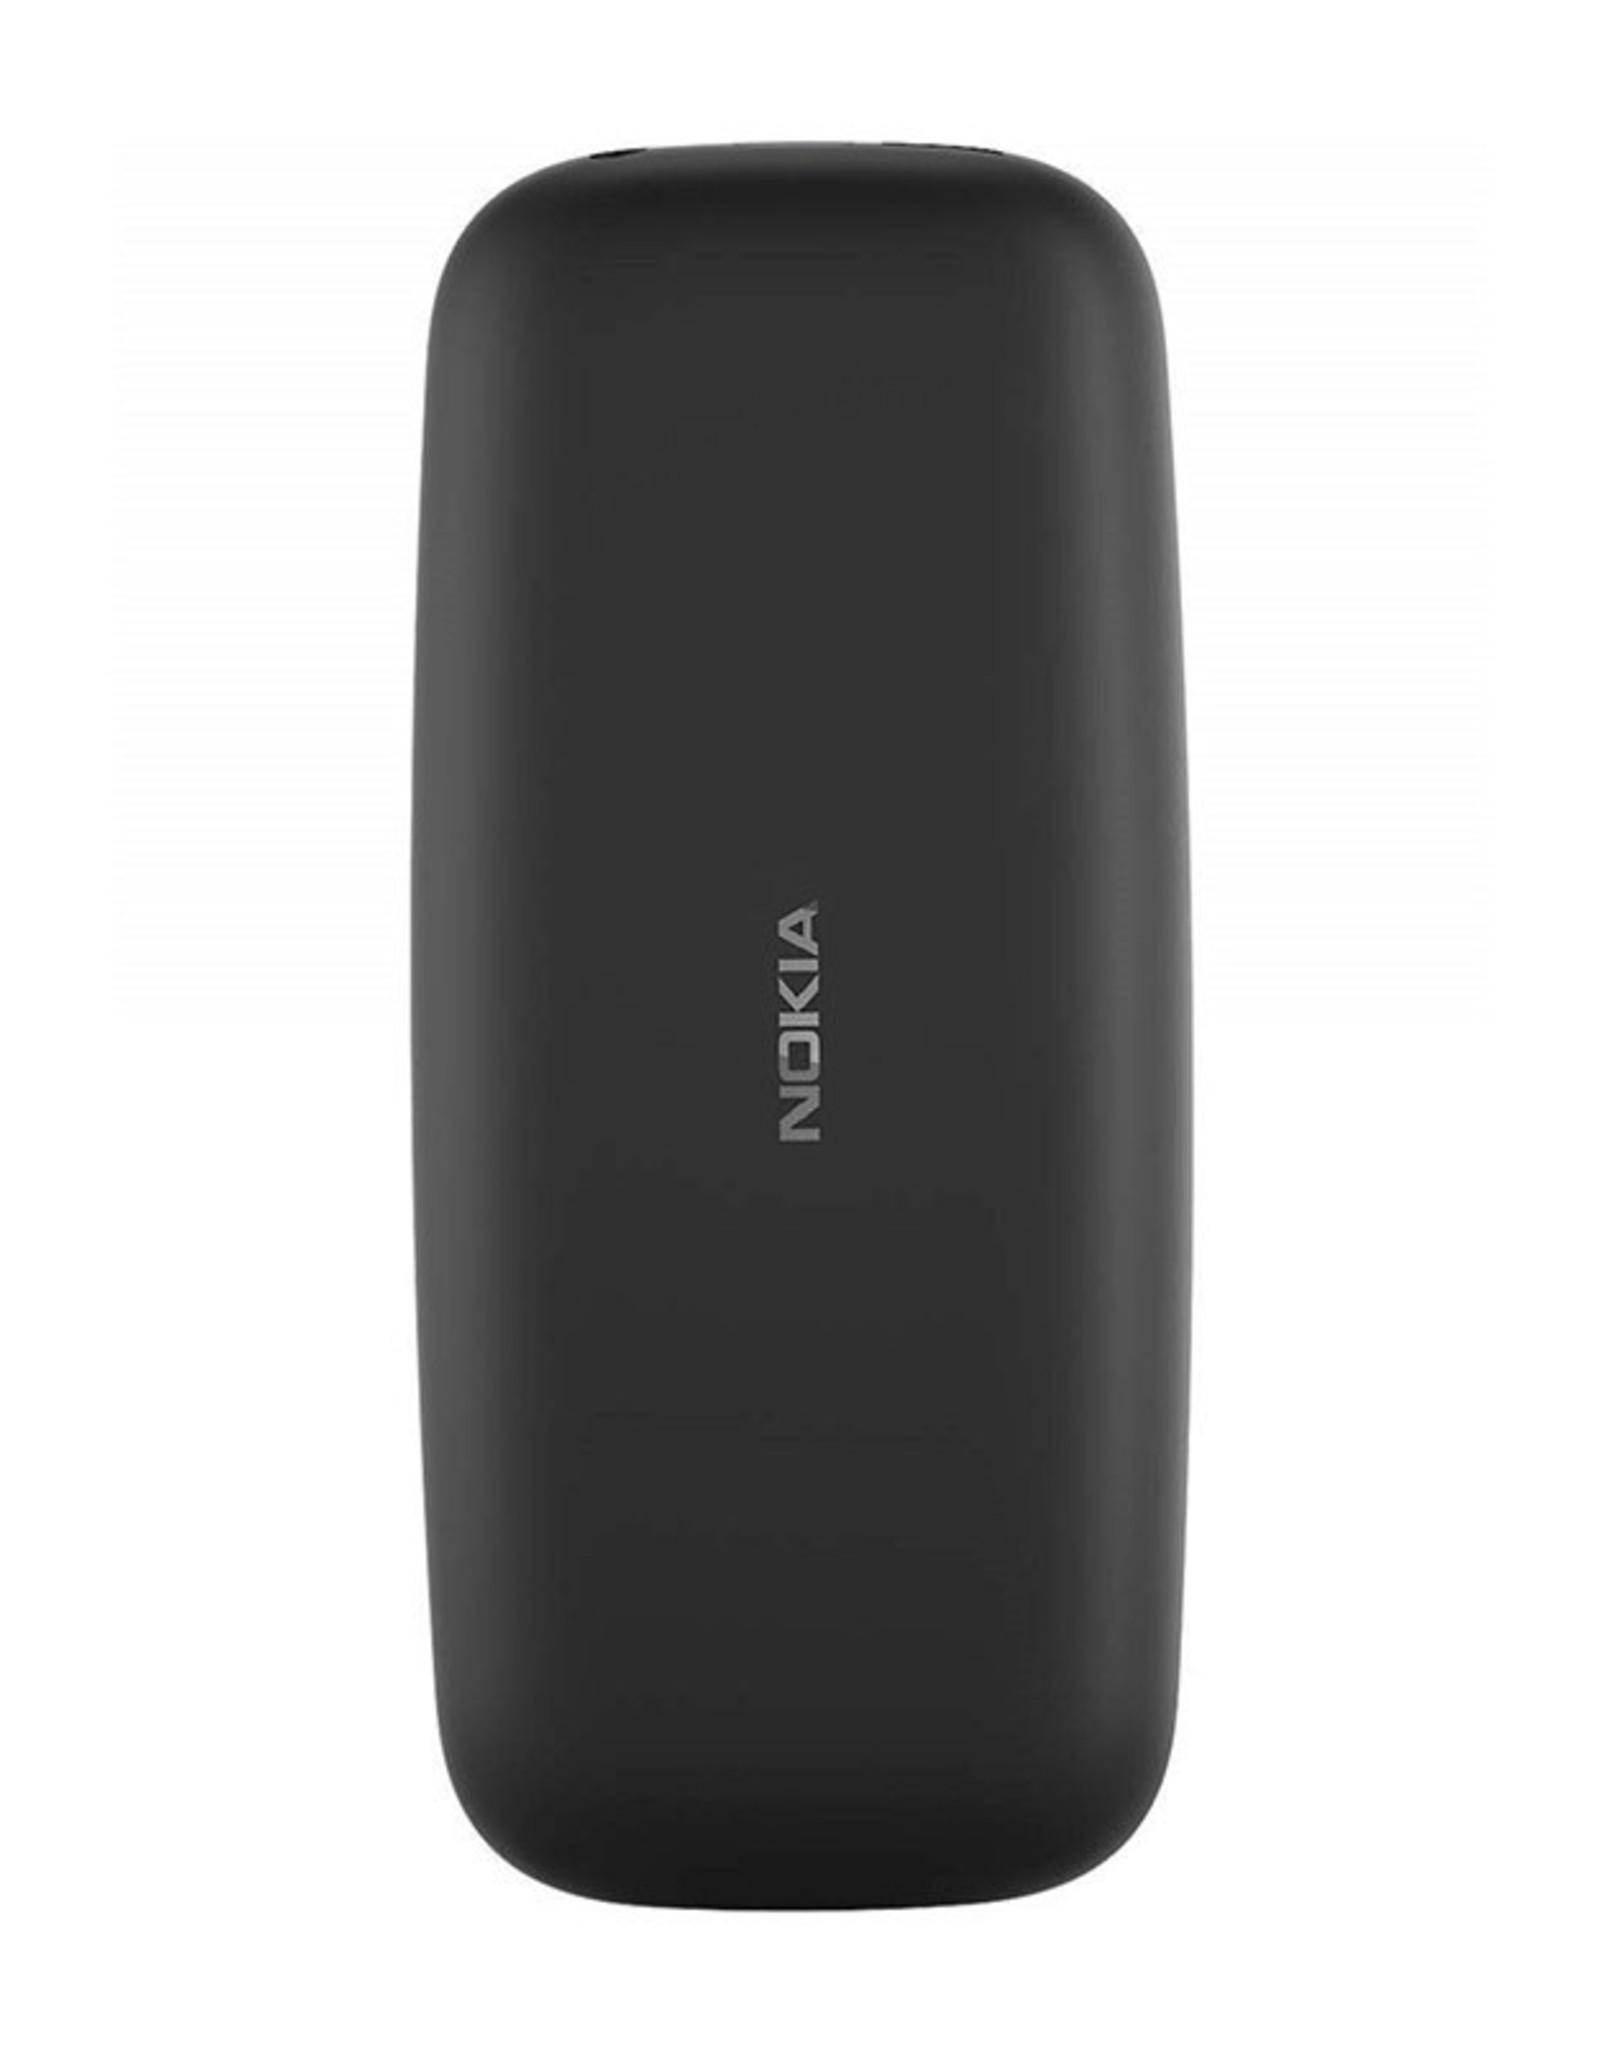 Nokia Nokia 105